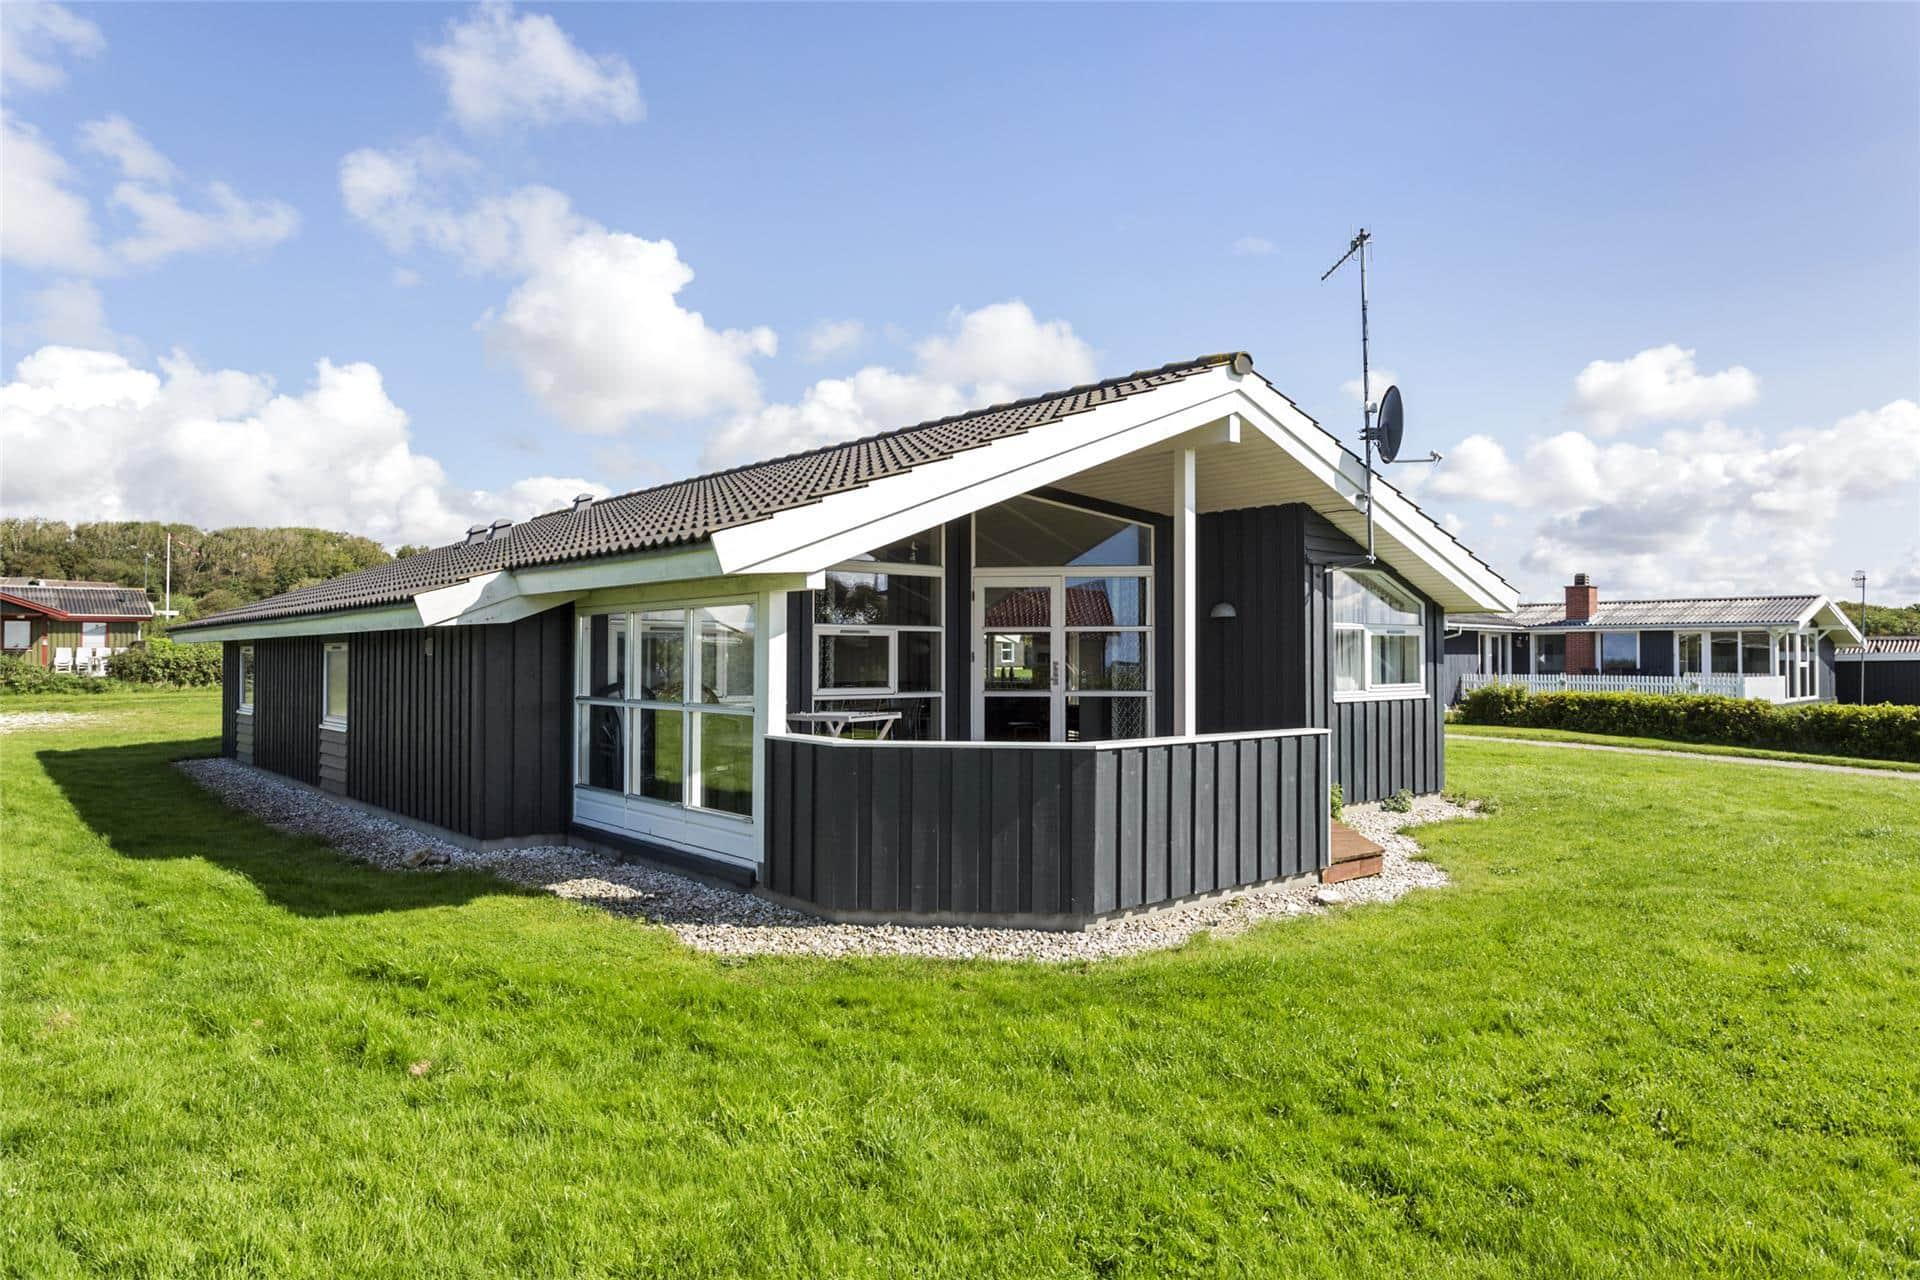 Billede 1-13 Sommerhus 550, Ingersvej 20, DK - 7770 Vestervig